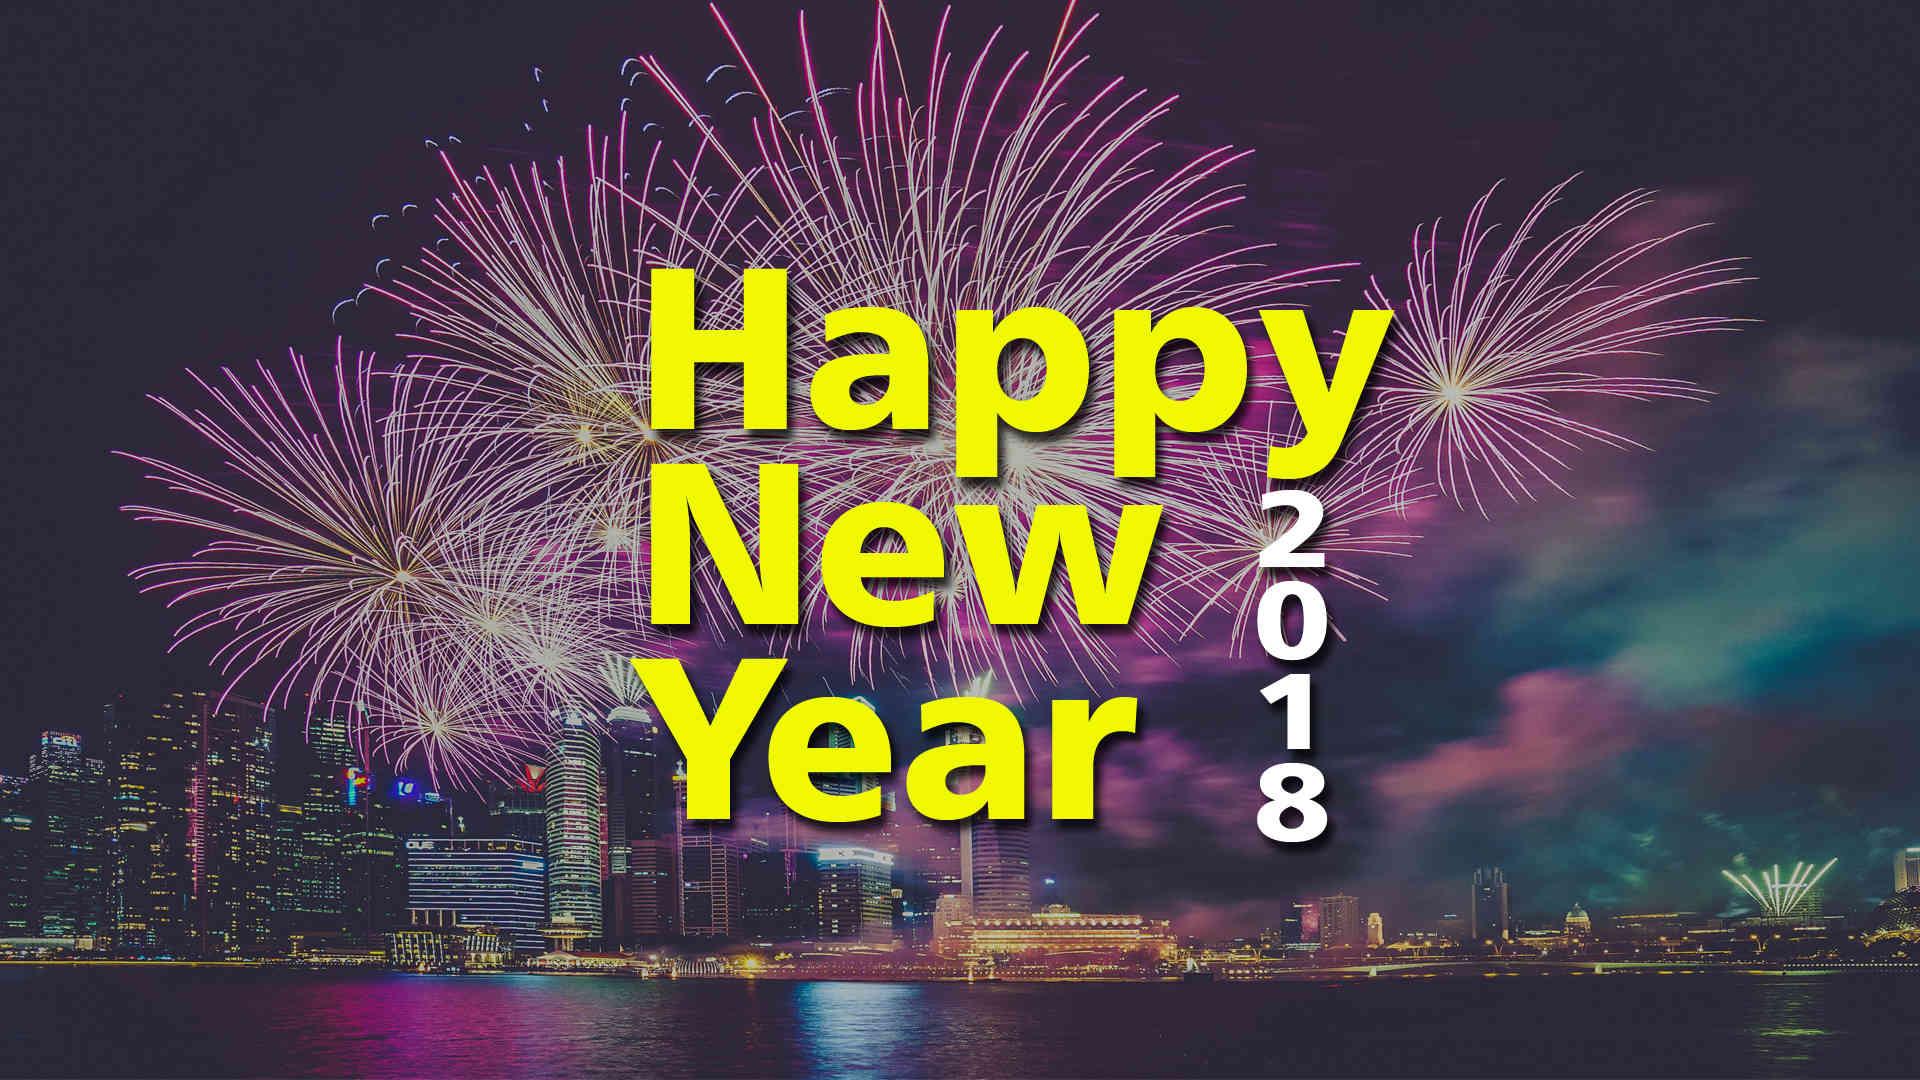 Happy New Year Ke Wallpaper - Fireworks , HD Wallpaper & Backgrounds